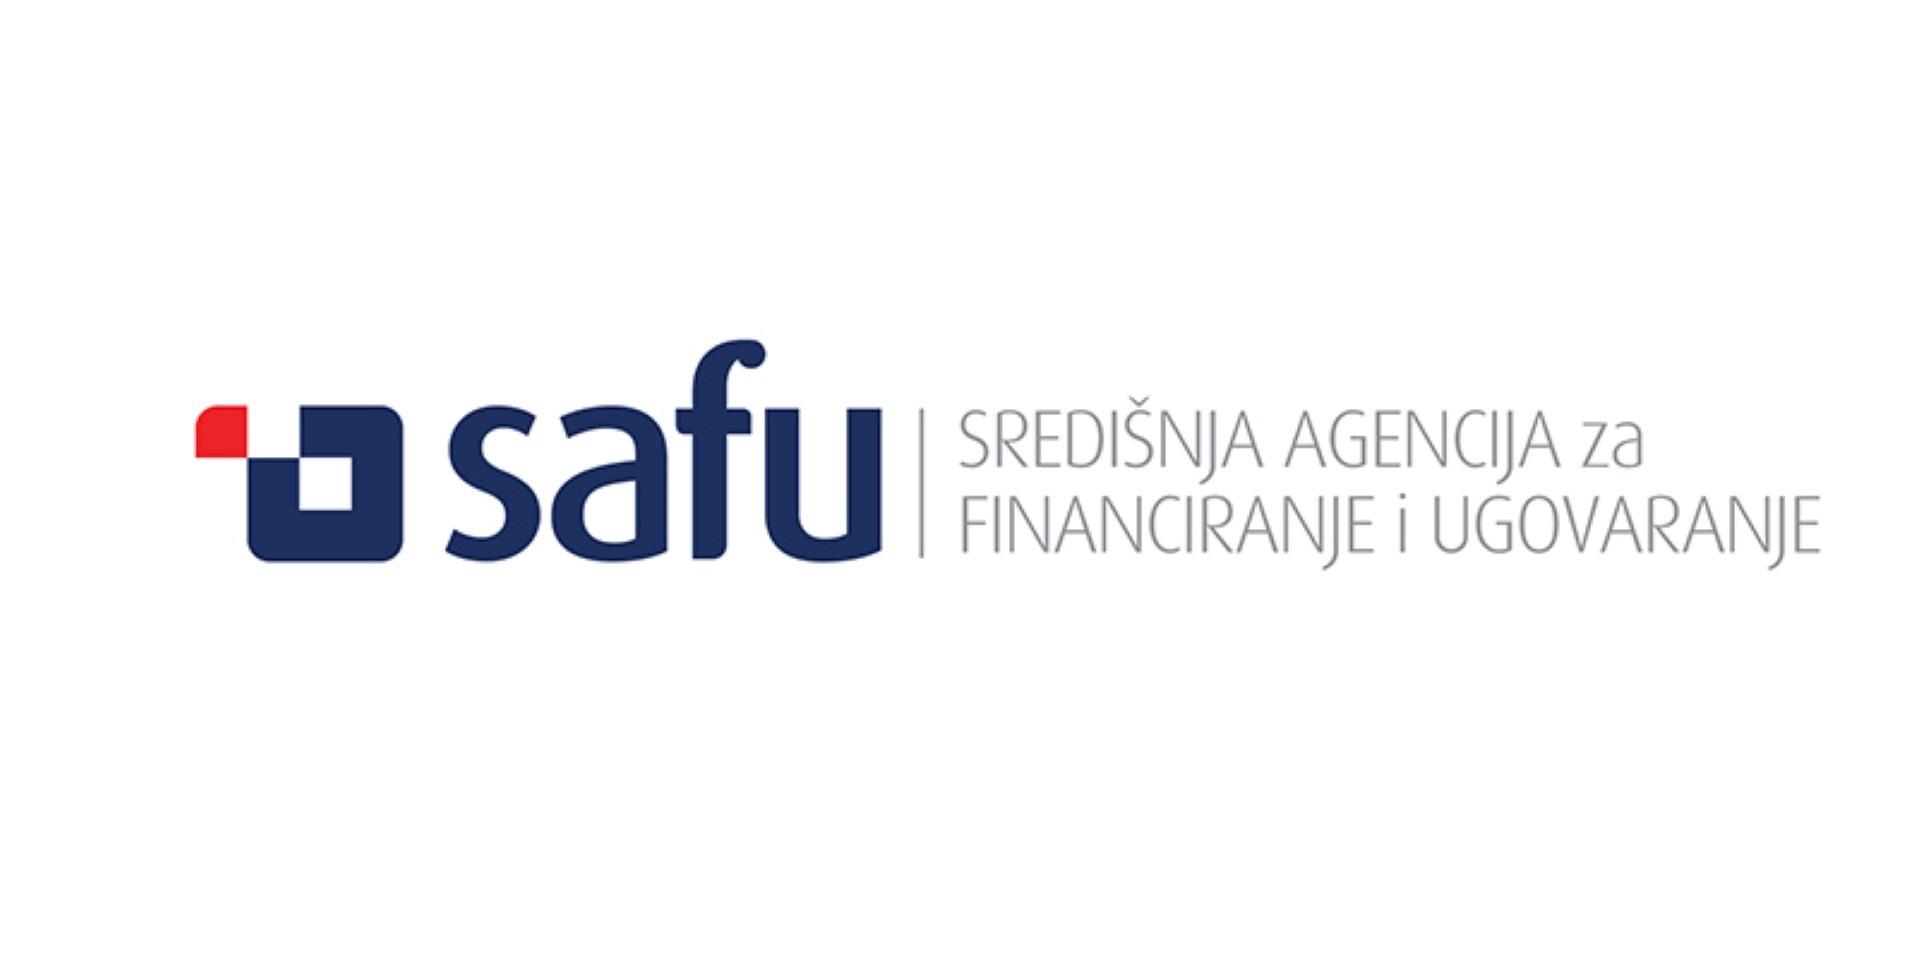 Ukrajinska agencija za povezivanje partnera